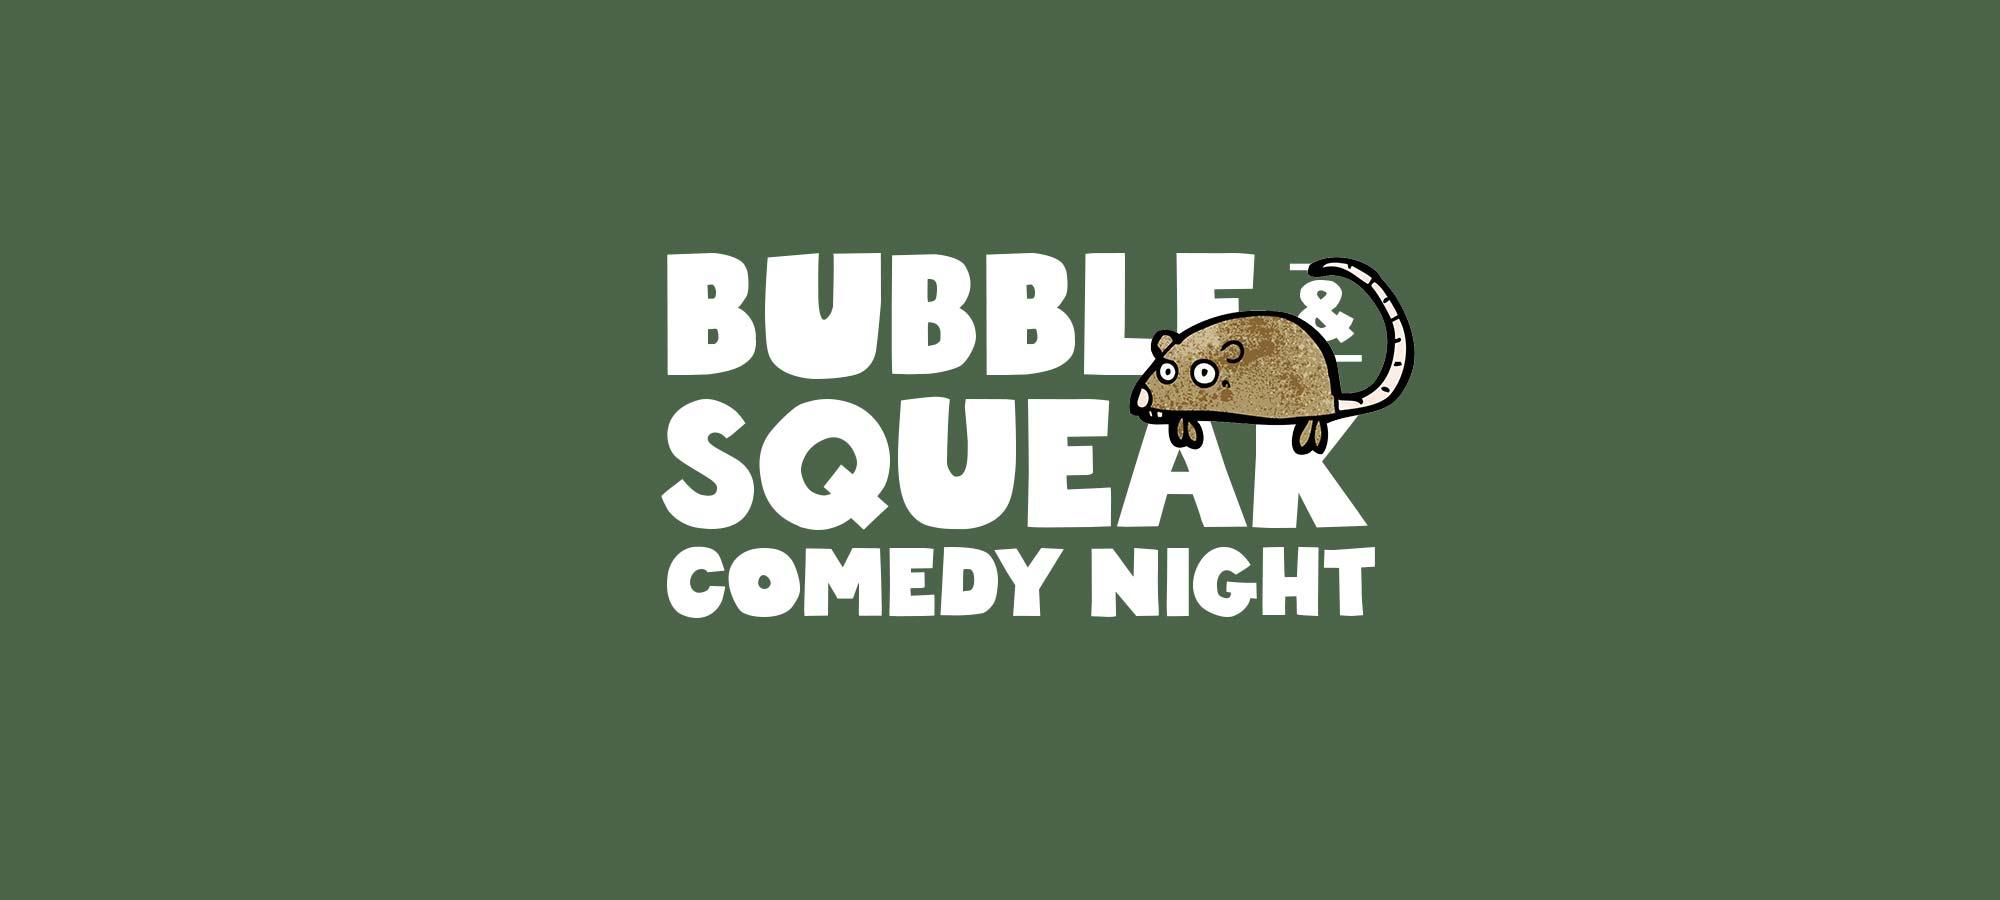 2019-05-31_ComedyNight-Header-horz.jpg